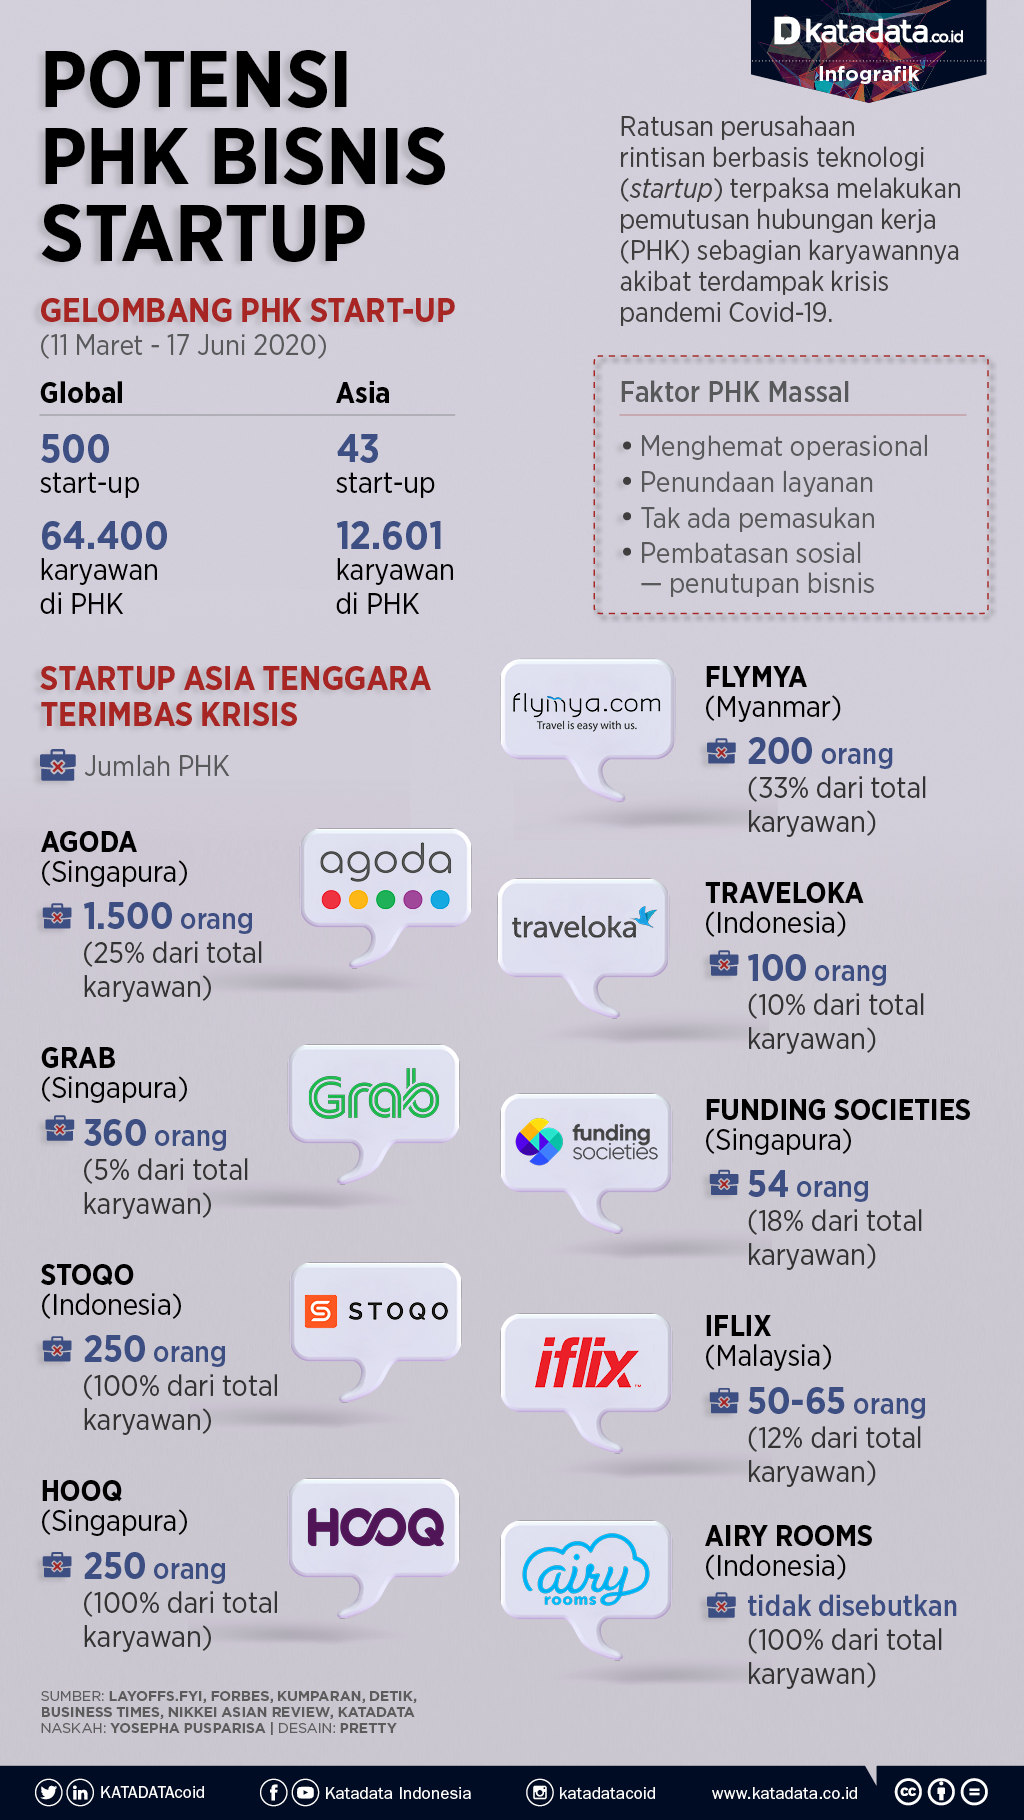 Potensi PHK Startup